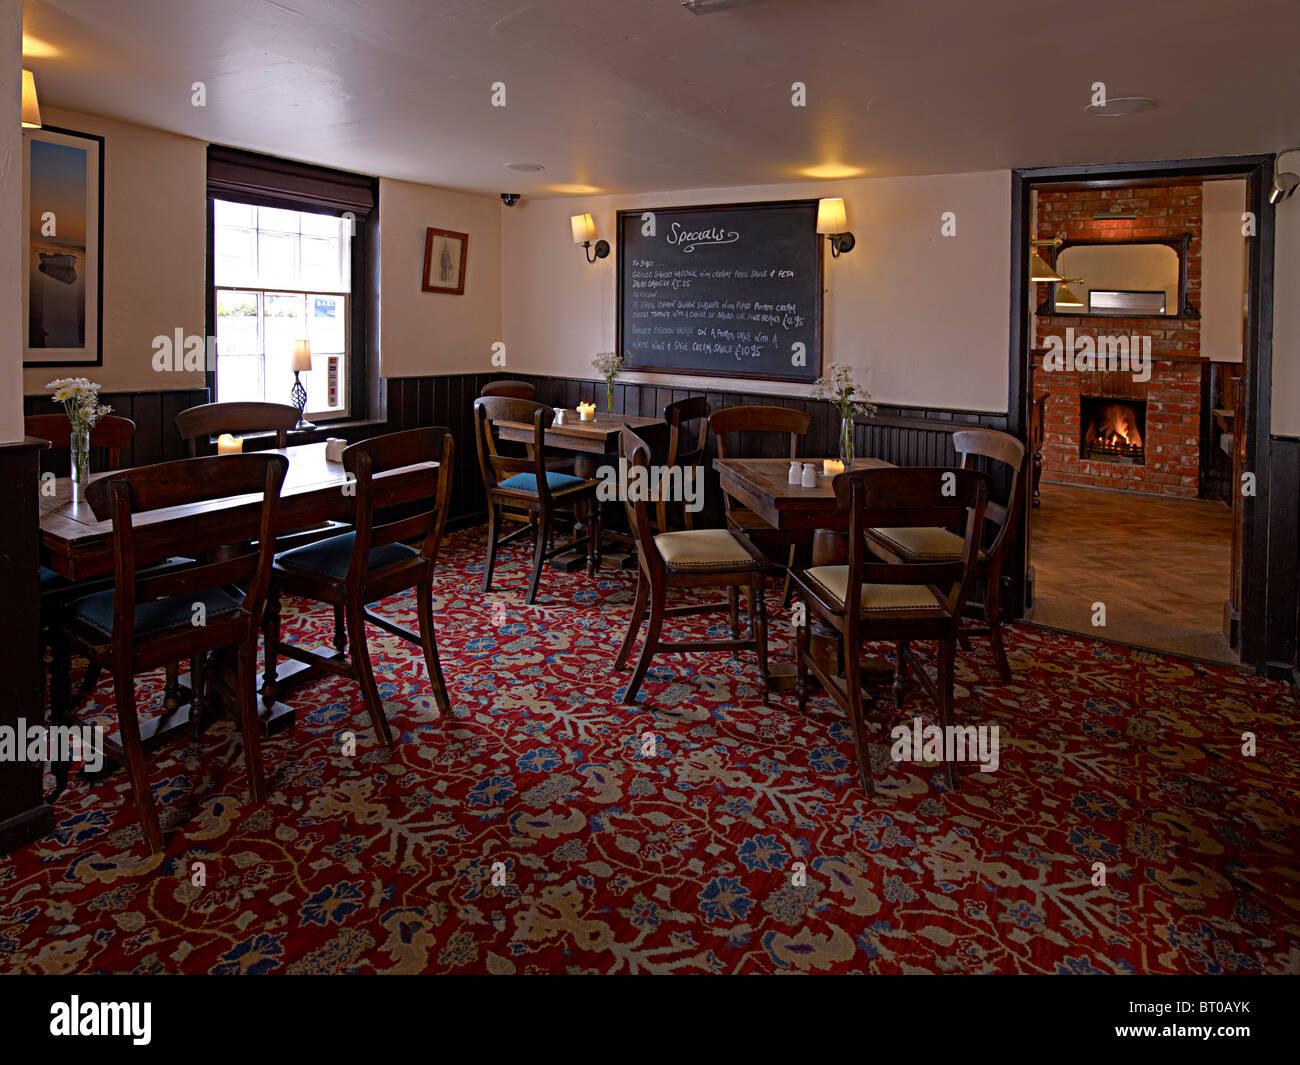 Old english pub interior design